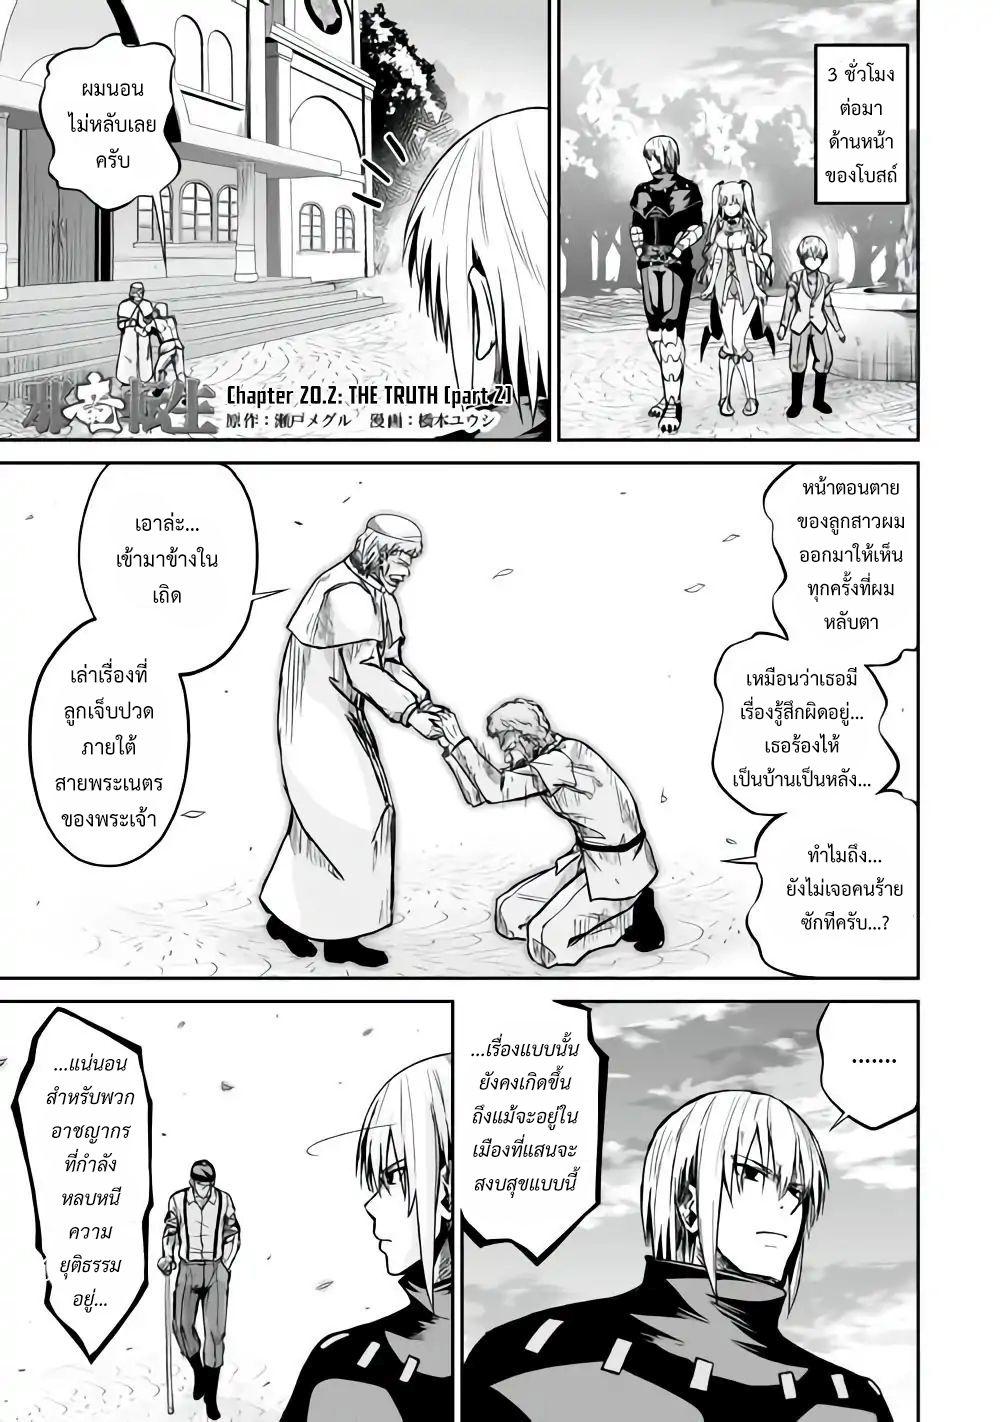 อ่านการ์ตูน Jaryuu Tensei ตอนที่ 20.2 หน้าที่ 1